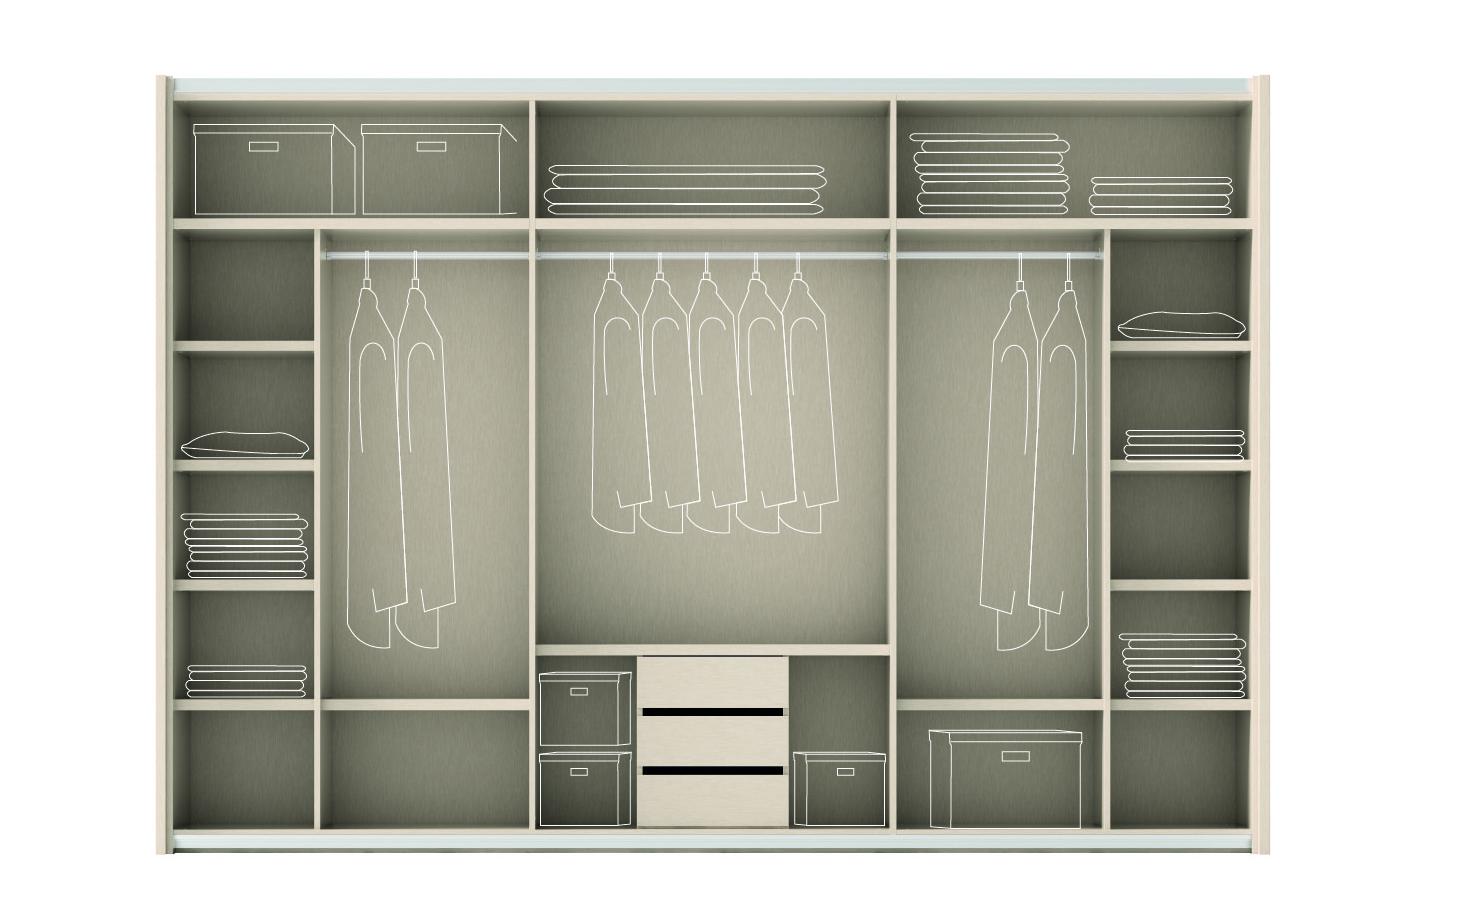 El armario y su interior muebles ros armarios for Organizacion de armarios empotrados